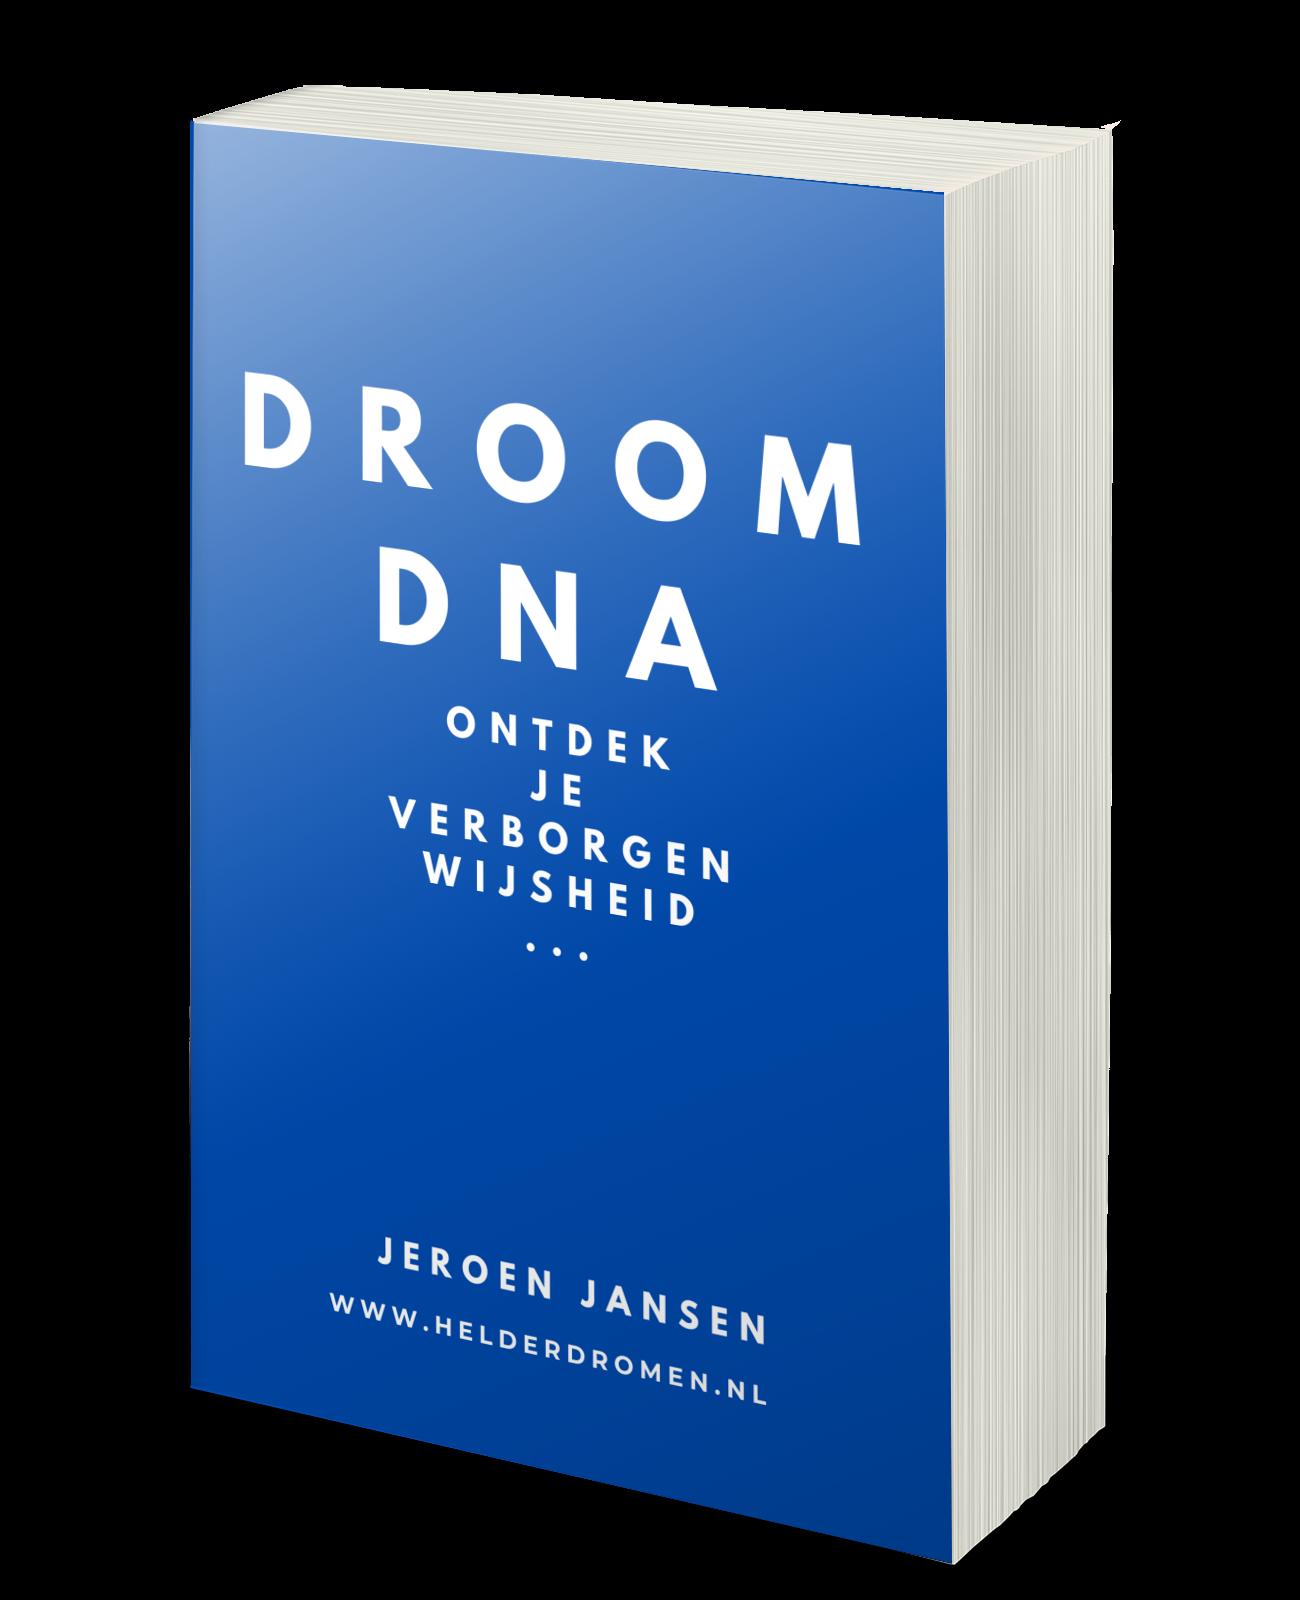 Boekje DroomDNA - Over hoe jij dromen betekenis kunt geven...